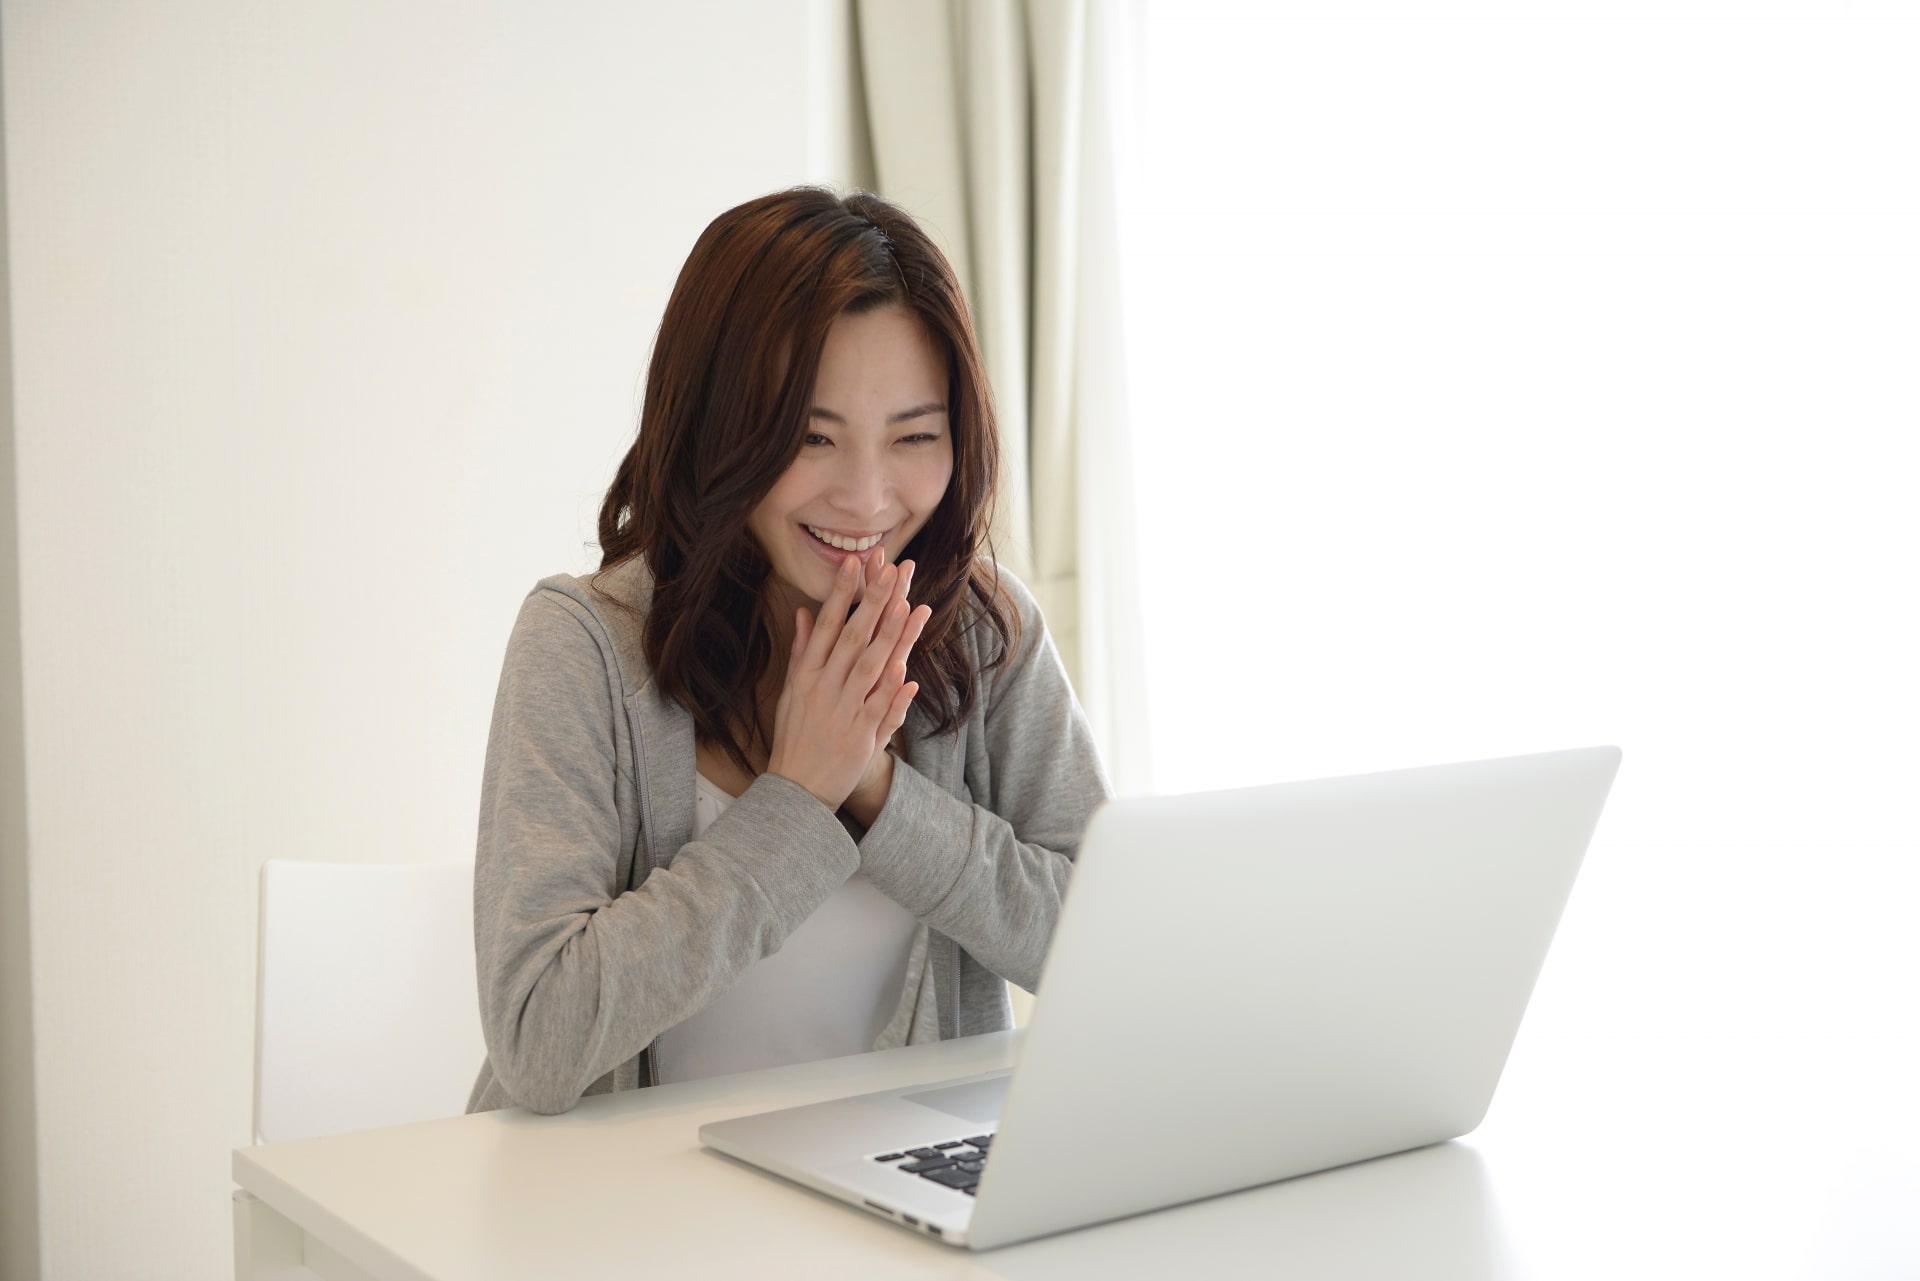 【副業紹介】ネットオークションで効率よく稼ぐ